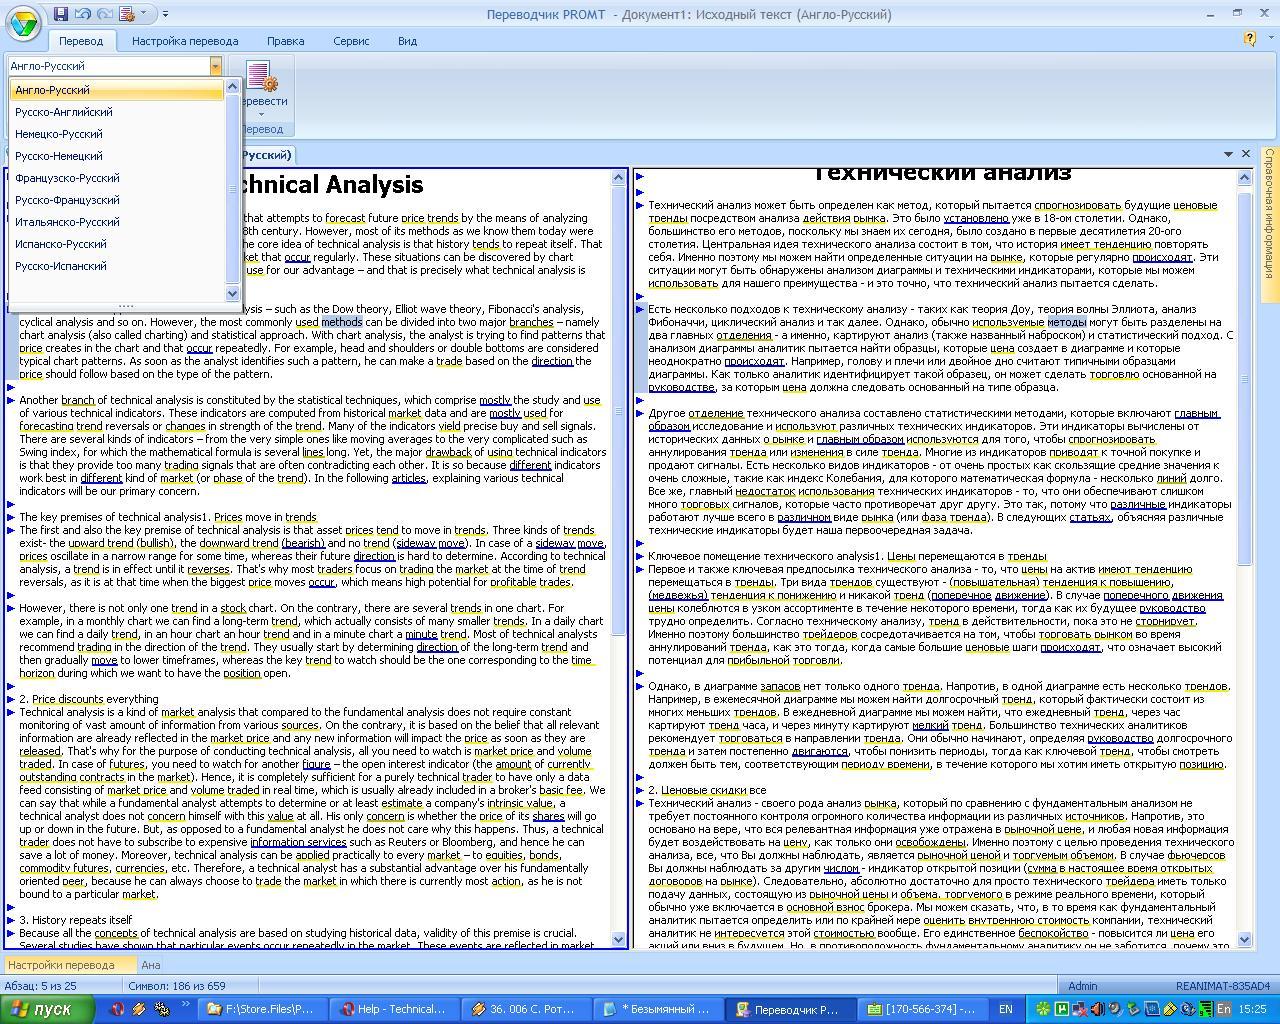 Скачать программу перевода с украинского на русский